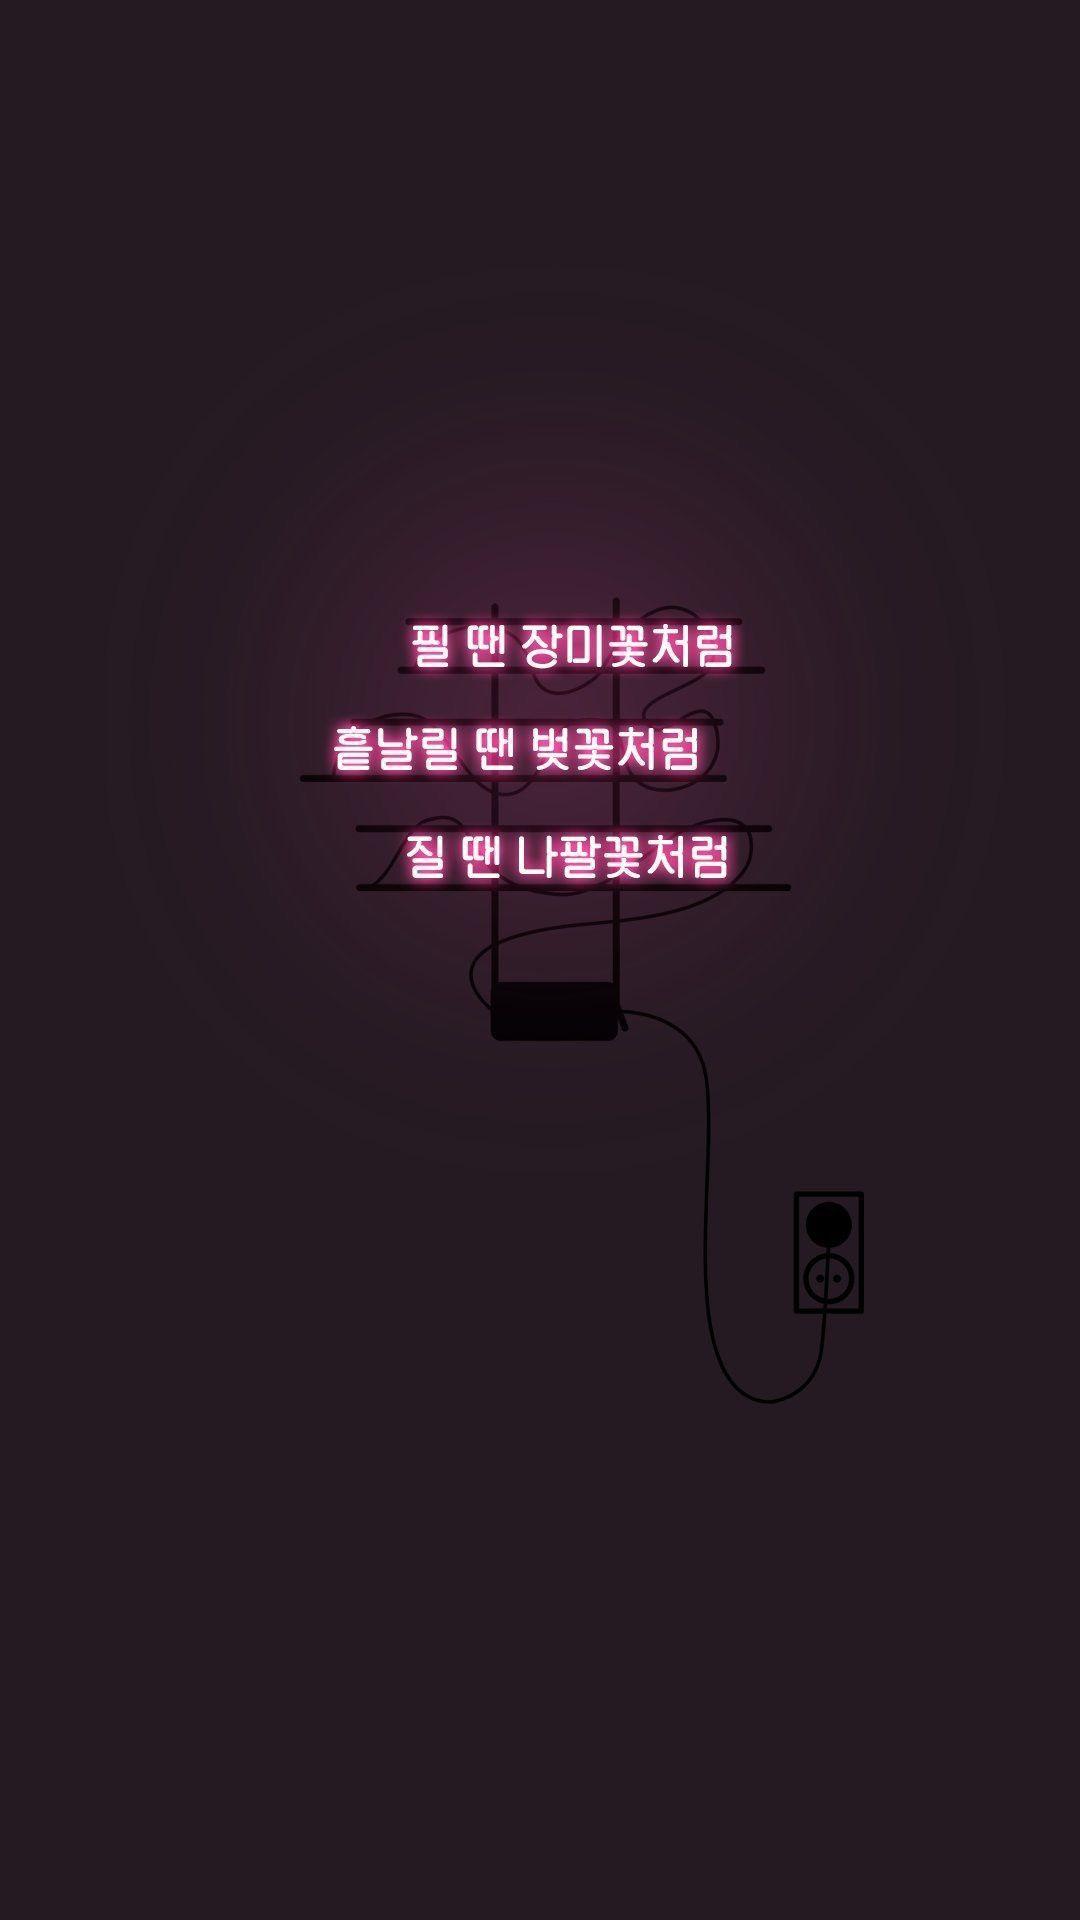 Lock Screen Korean Wallpaper Iphone In 2020 Korea Wallpaper Bts Wallpaper Bts Lyric